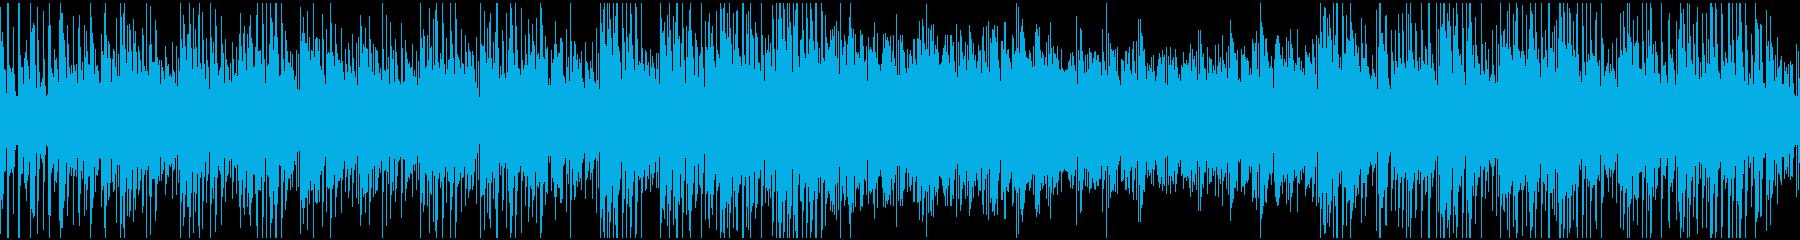 ループ 夏・海・日常 明るい木琴&ギターの再生済みの波形